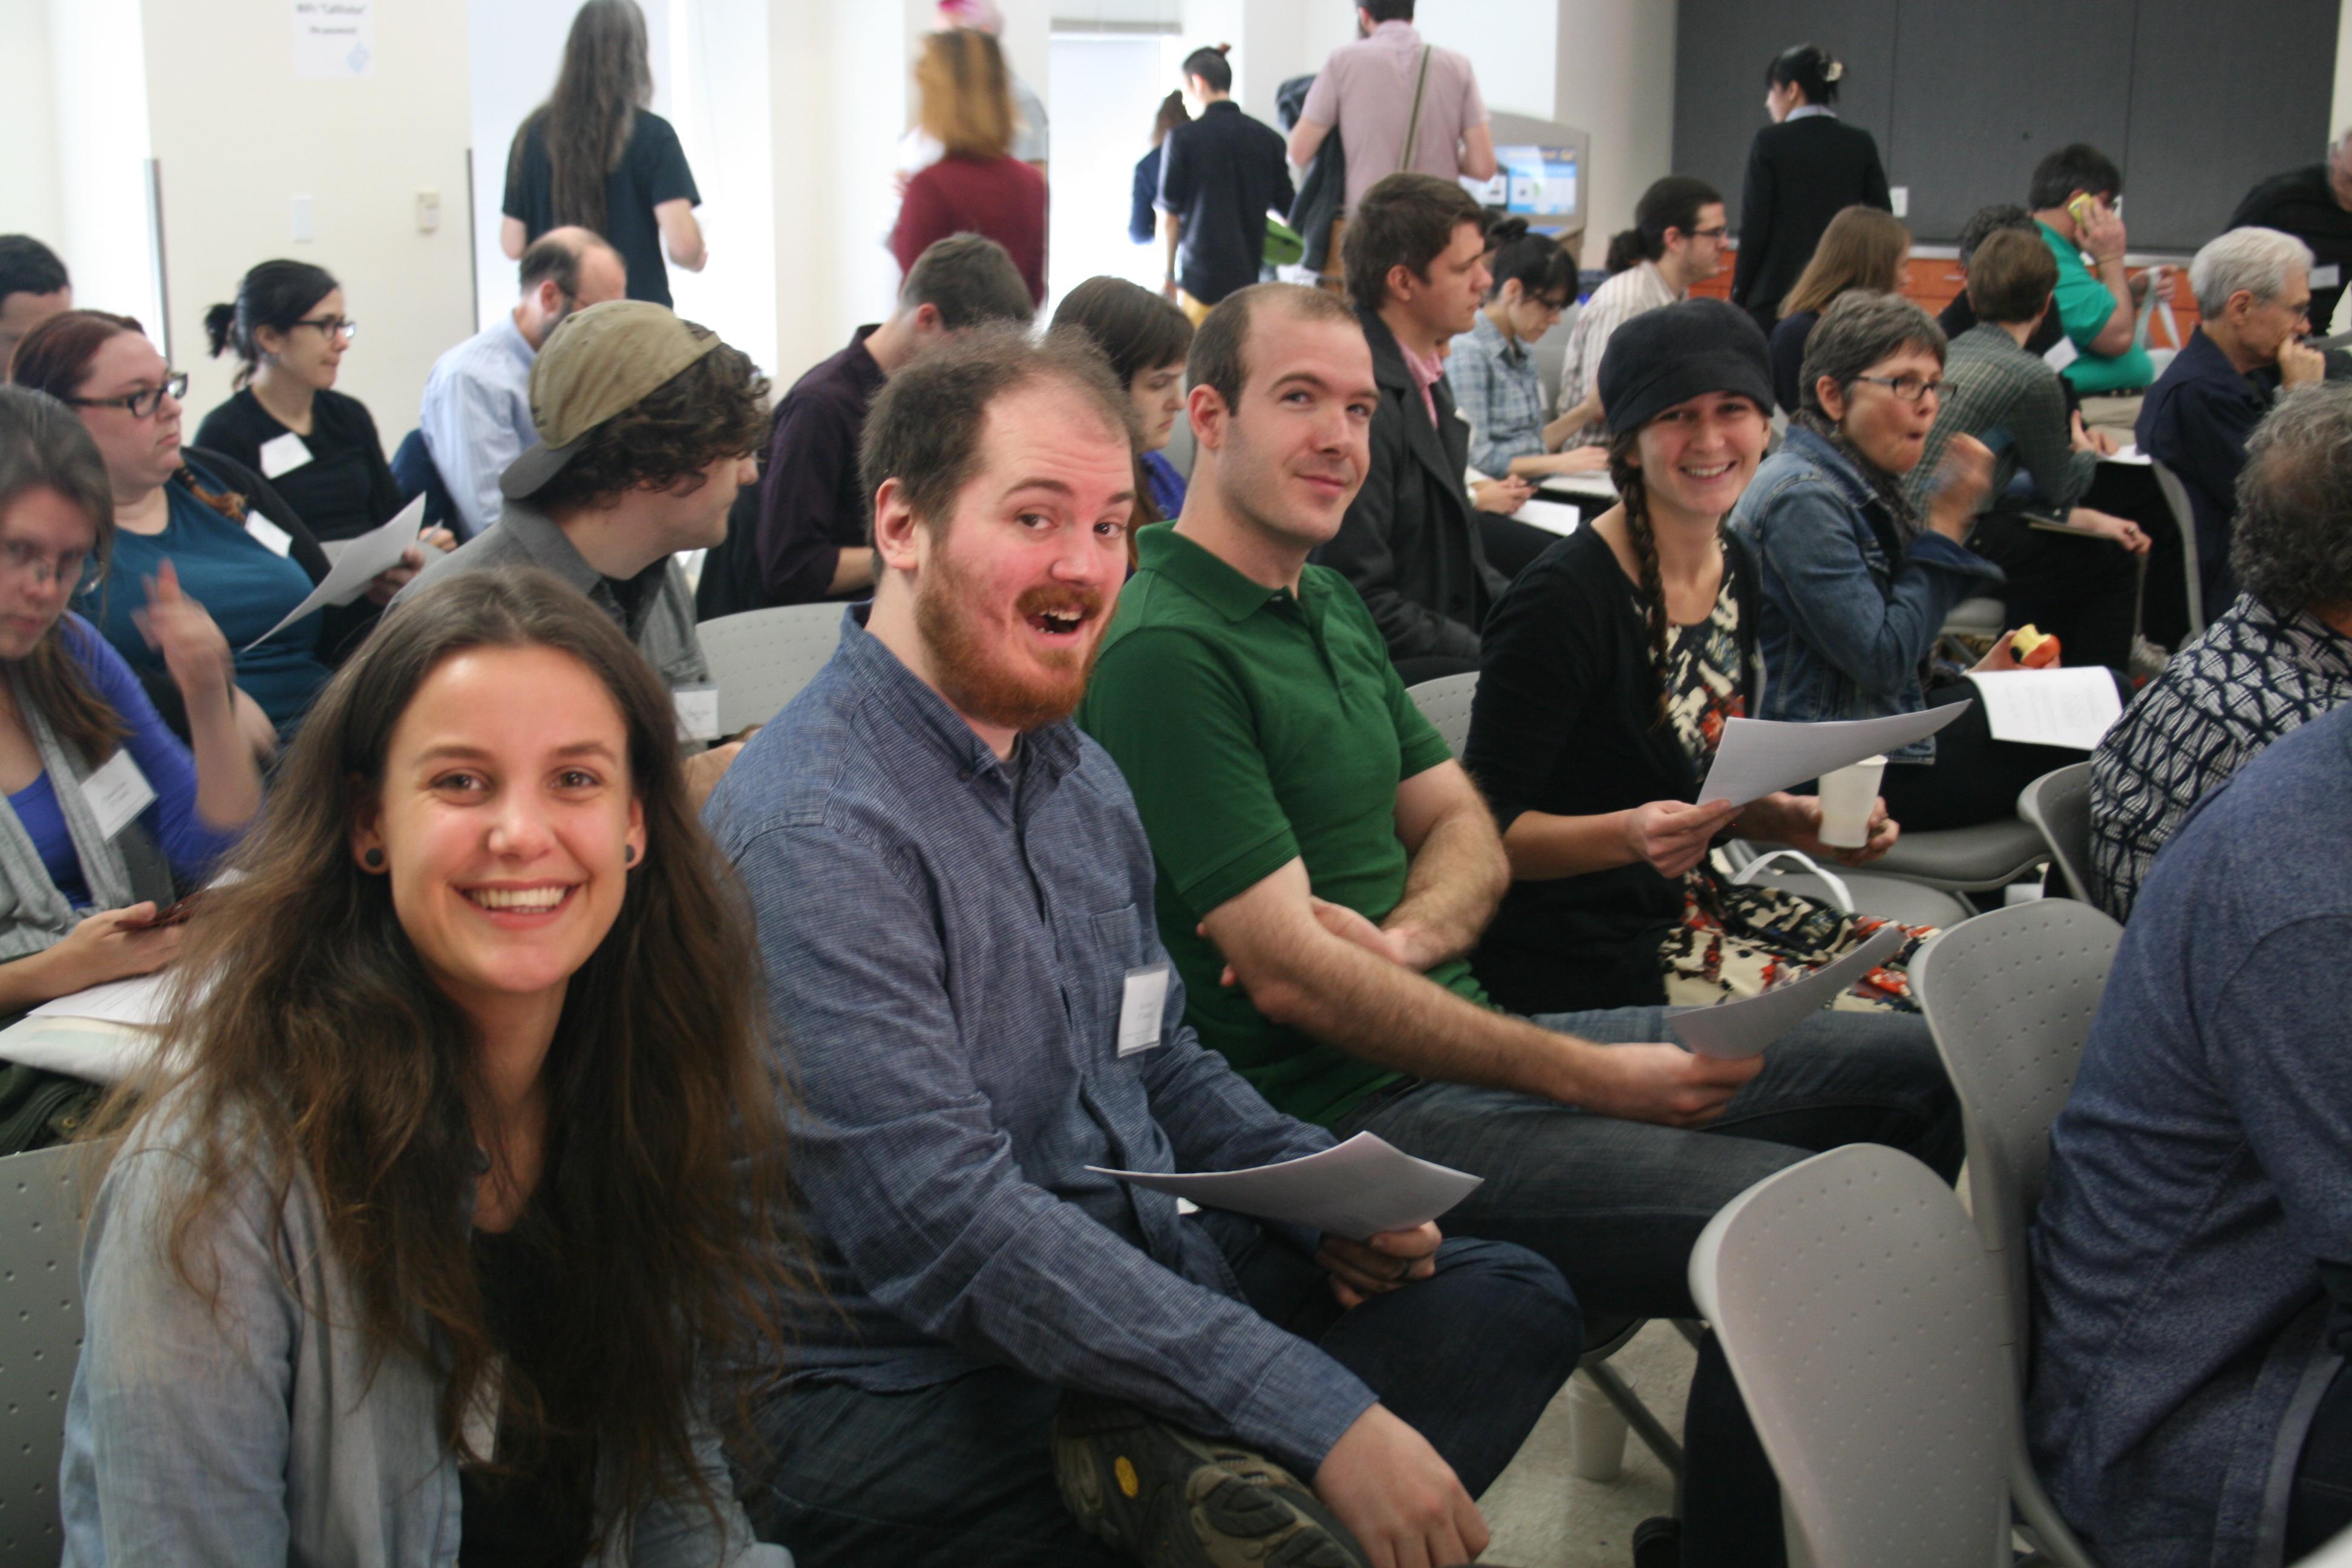 Linguistics colloquium audience